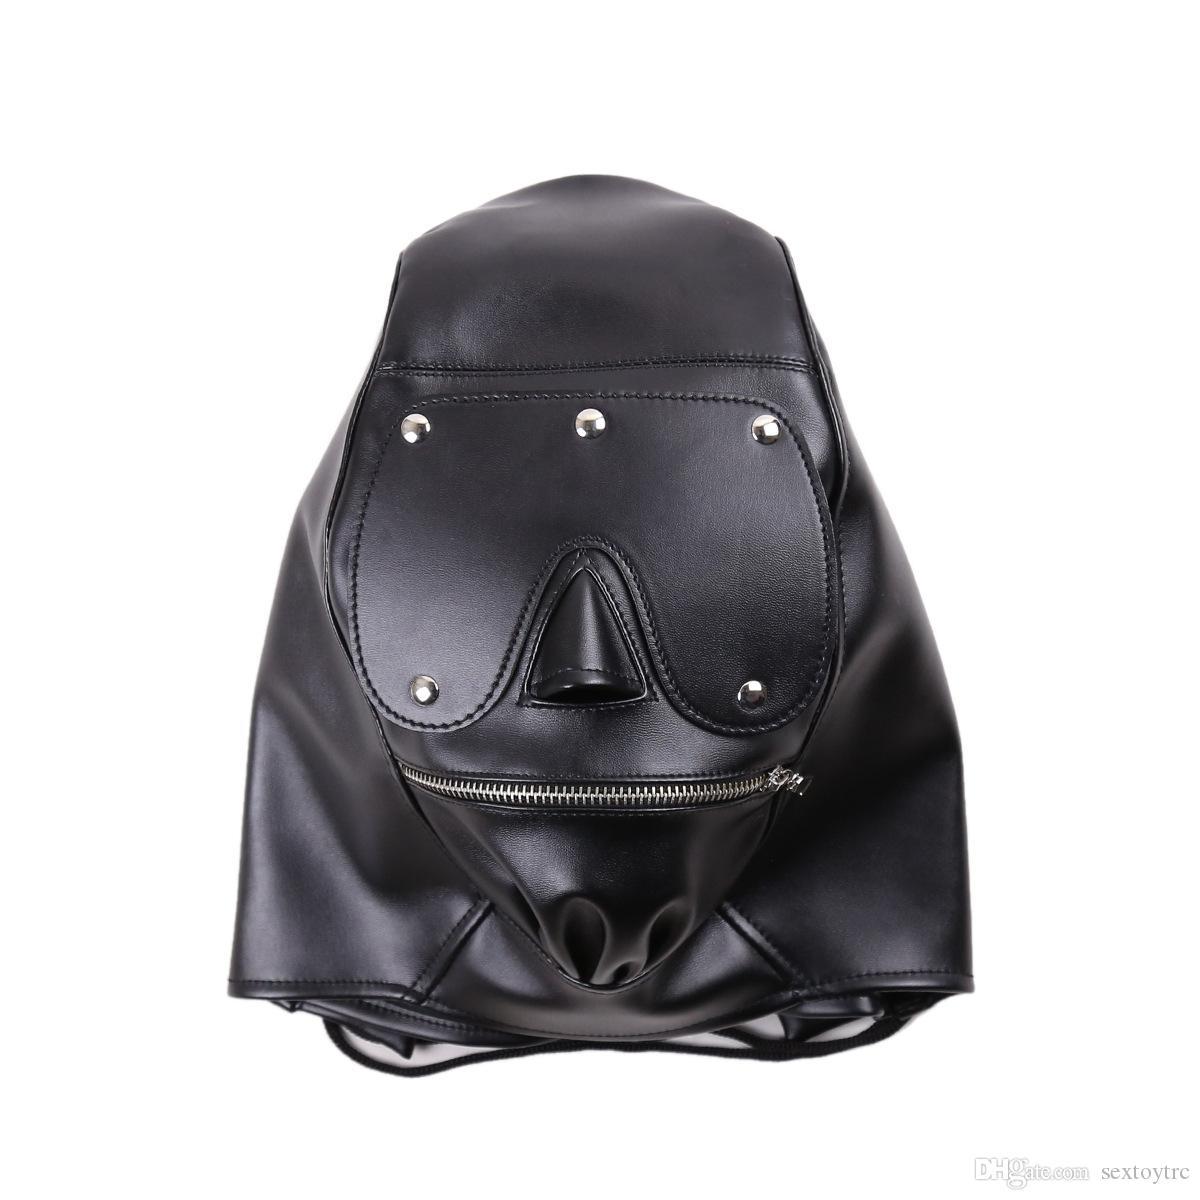 Harnais de fermeture à glissière amplifiée de nouveau-oeil détachable avec coussinet de serviette noire pavé noire jouet avec museau à la bouche fétiche masque de sexe en cuir B030603 raqu